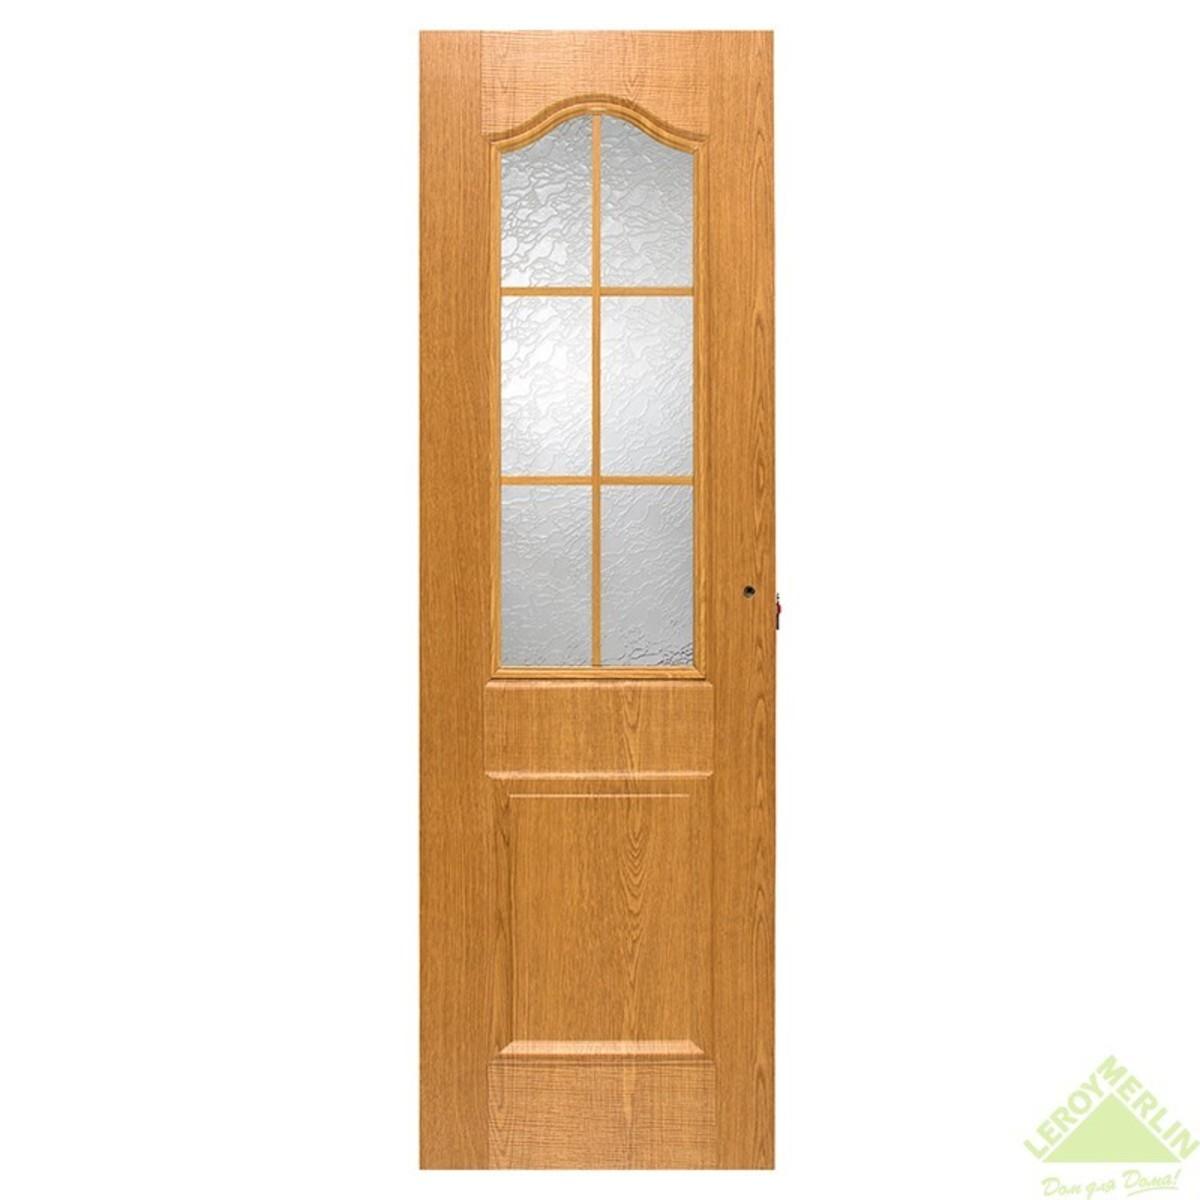 Дверь межкомнатная остеклённая Капричеза 600x2000 мм светлый дуб